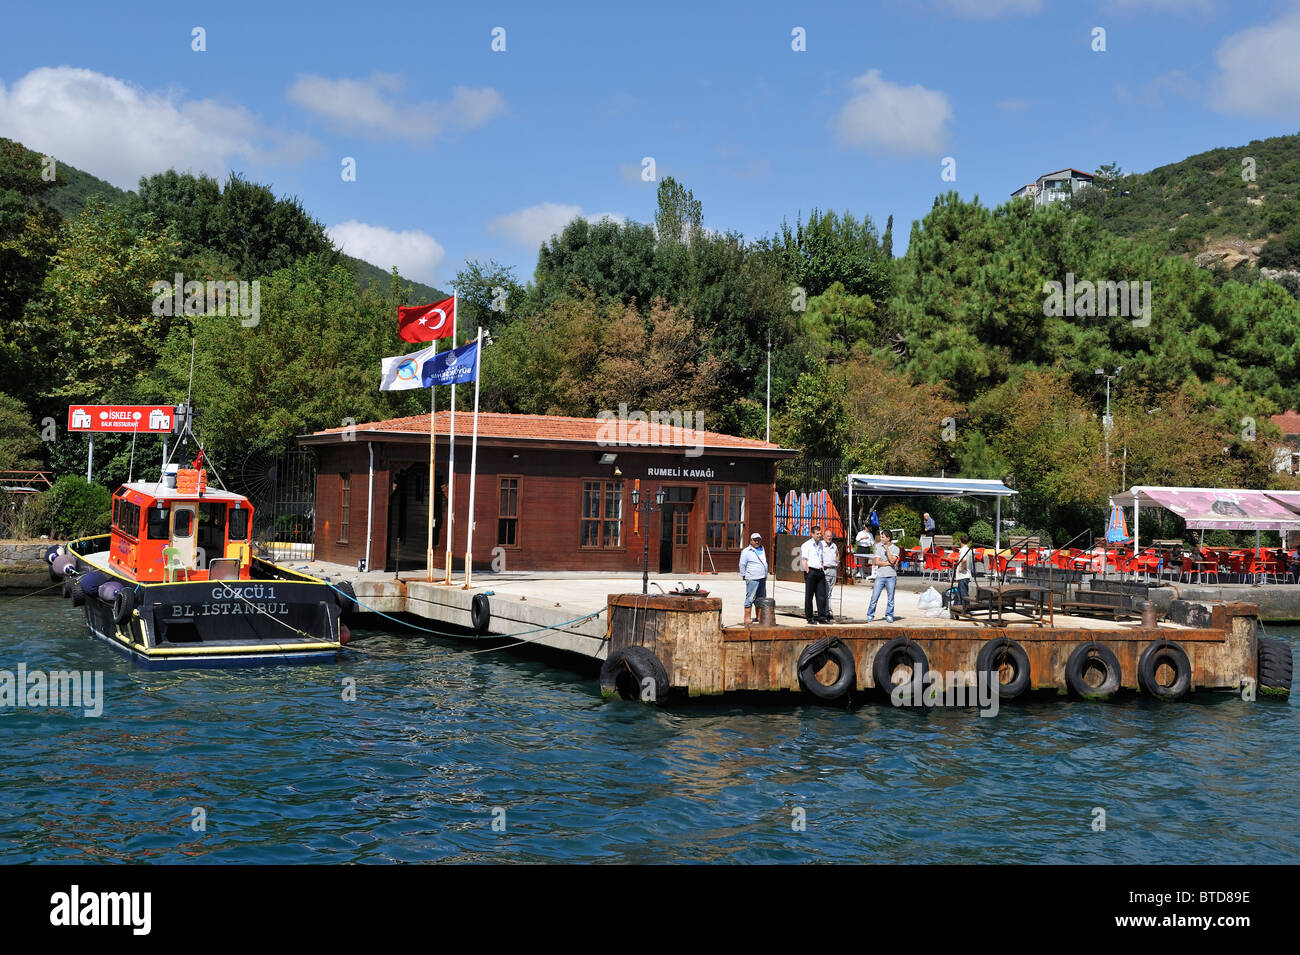 Rumeli Kavağı, Bosphorus, İstanbul, Turkey 100916_36099 - Stock Image